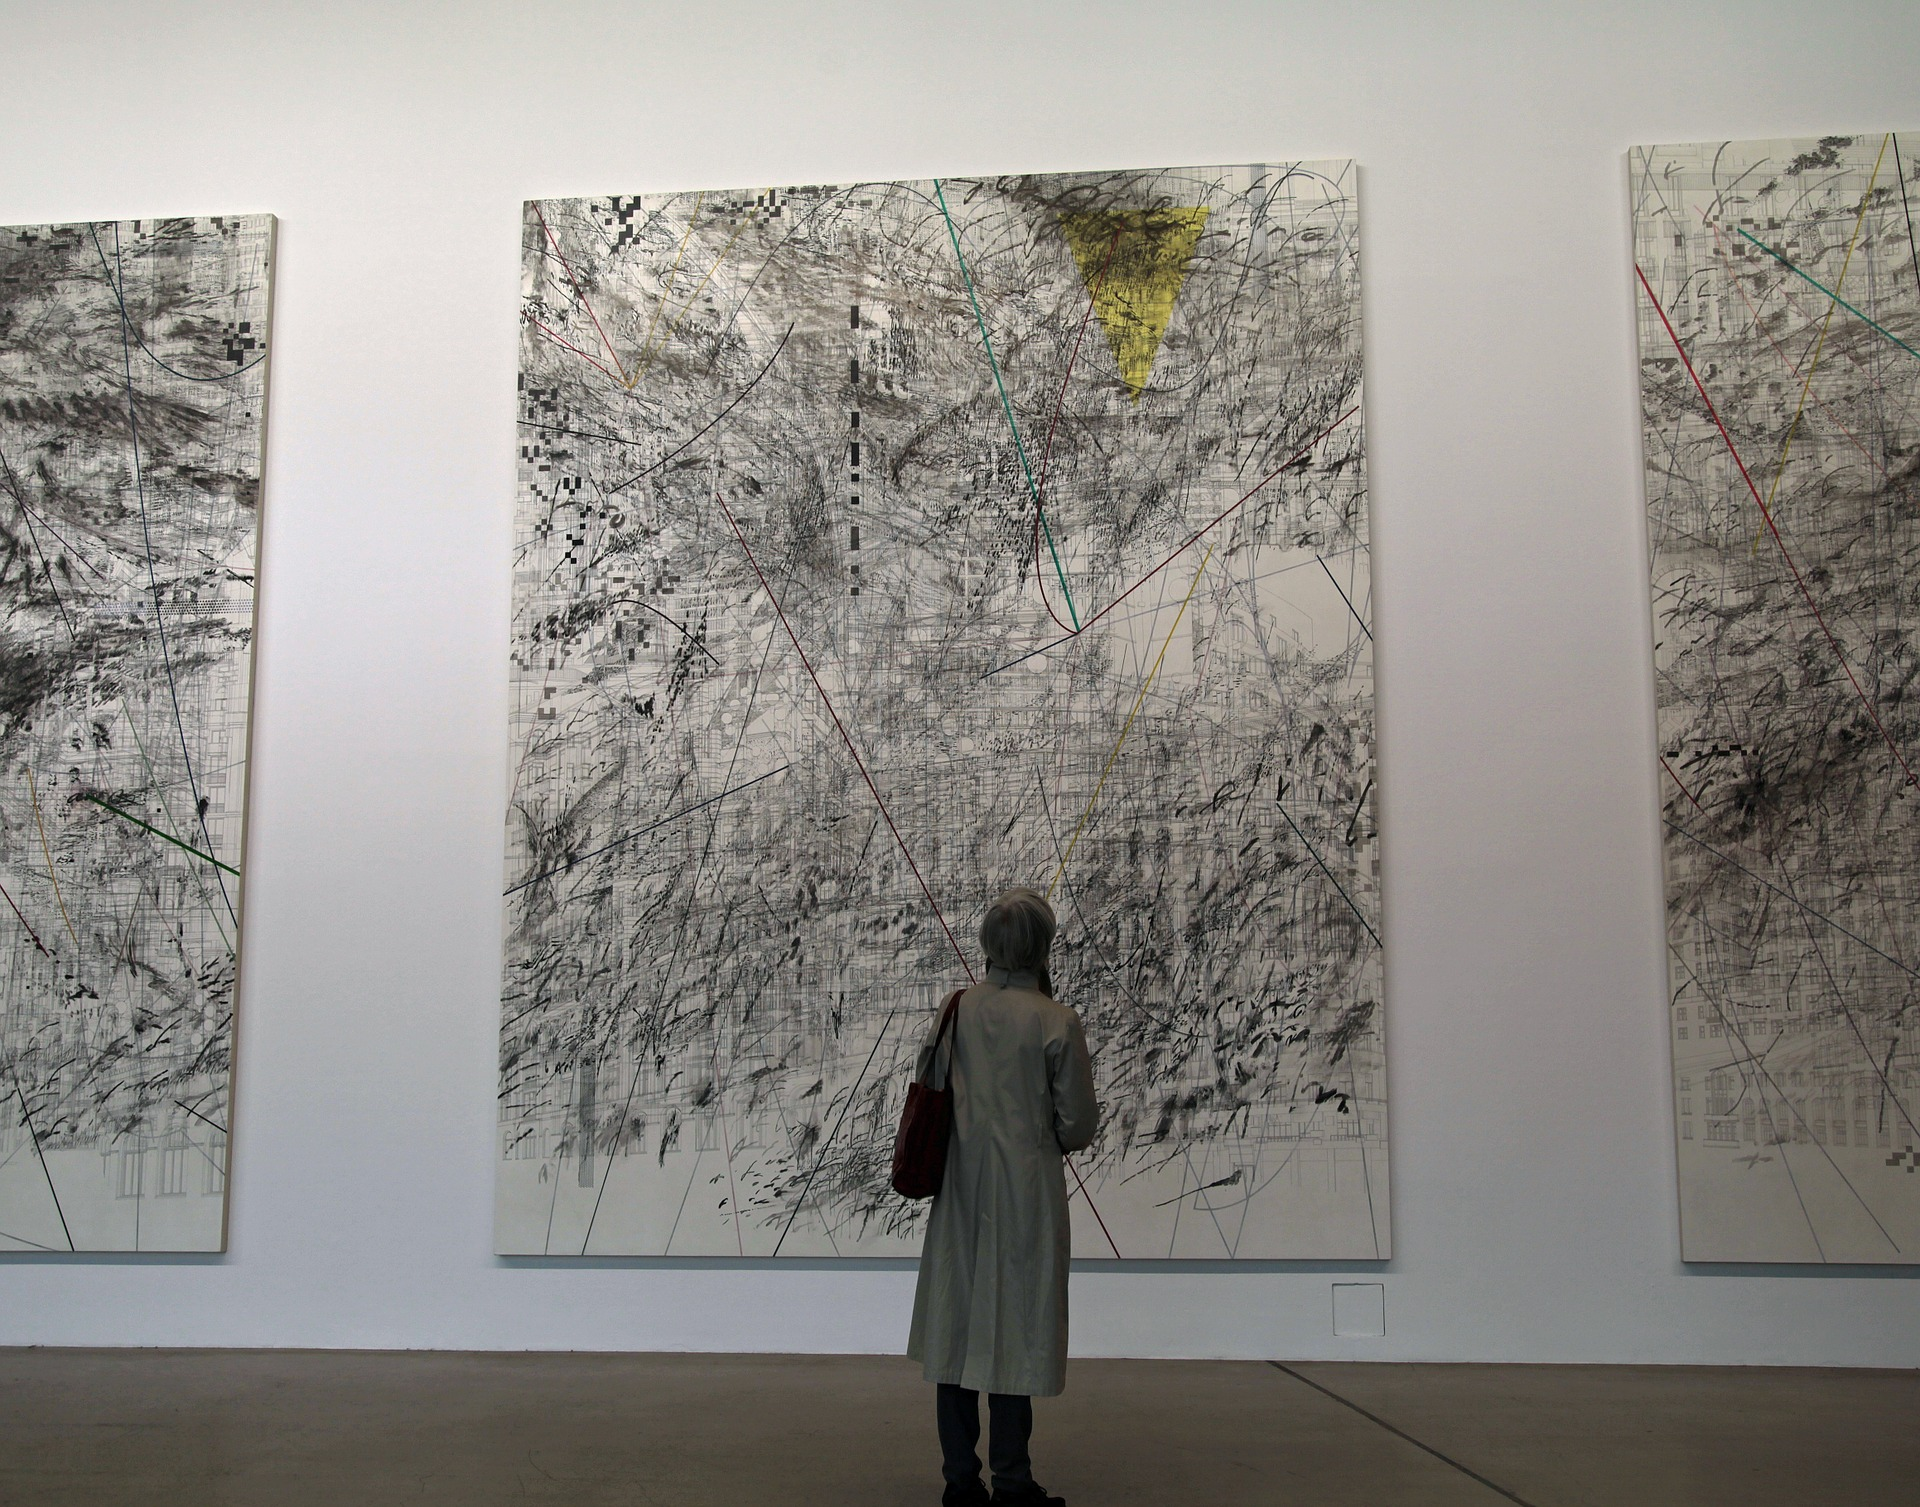 Kunst auf der documenta